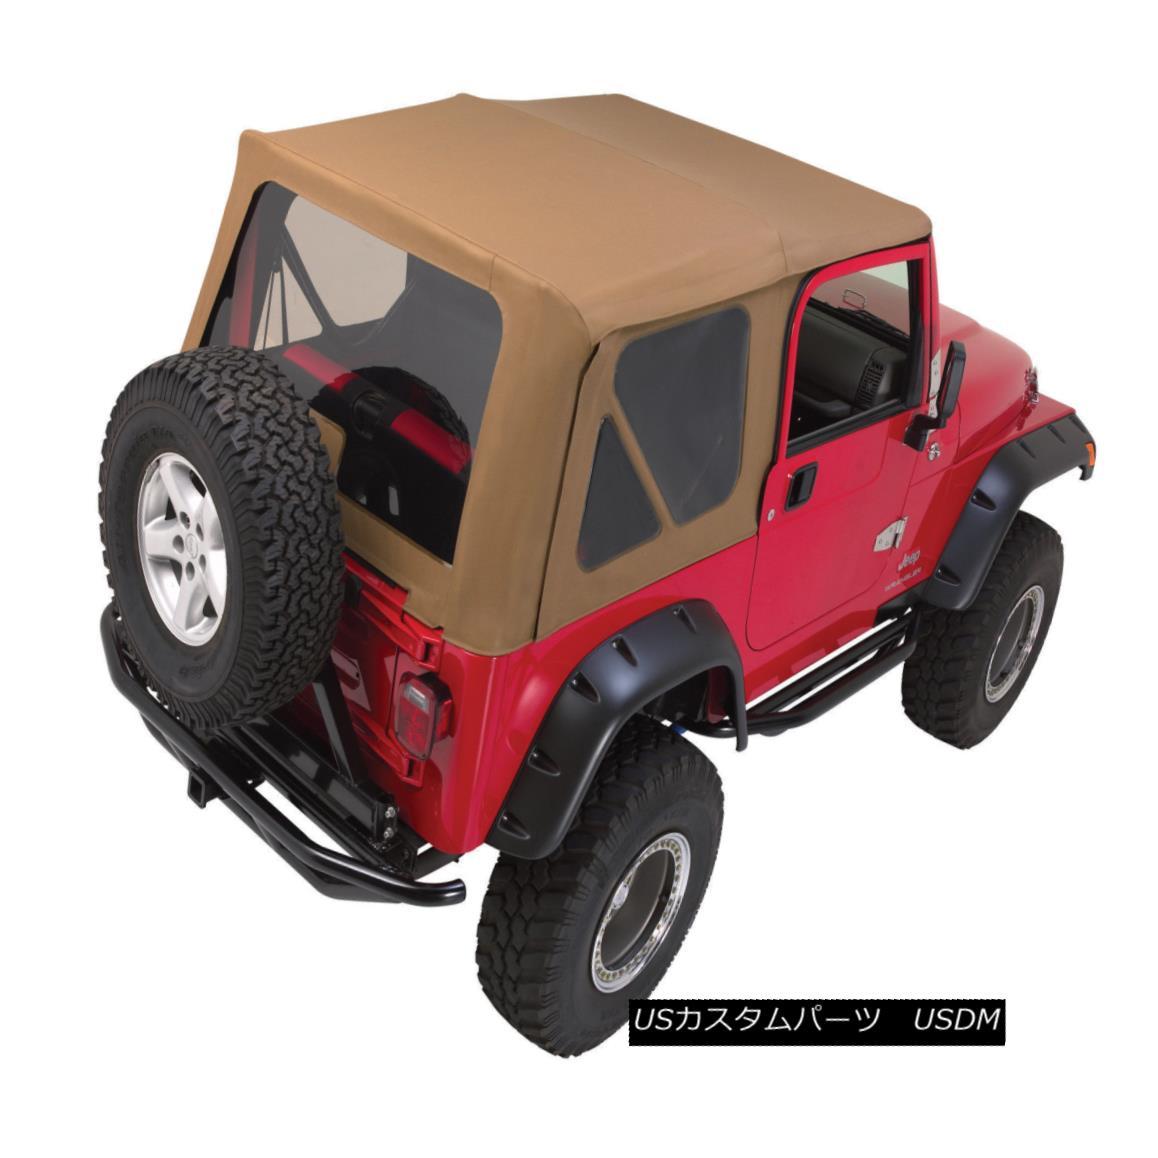 幌・ソフトトップ 97-06 Jeep Wrangler Soft Top Canvas + Front Upper Doors 3 Rear Windows TJ Spice 97-06ジープラングラーソフトトップキャンバス+フロントアッパードア3リアウィンドウTJスパイス